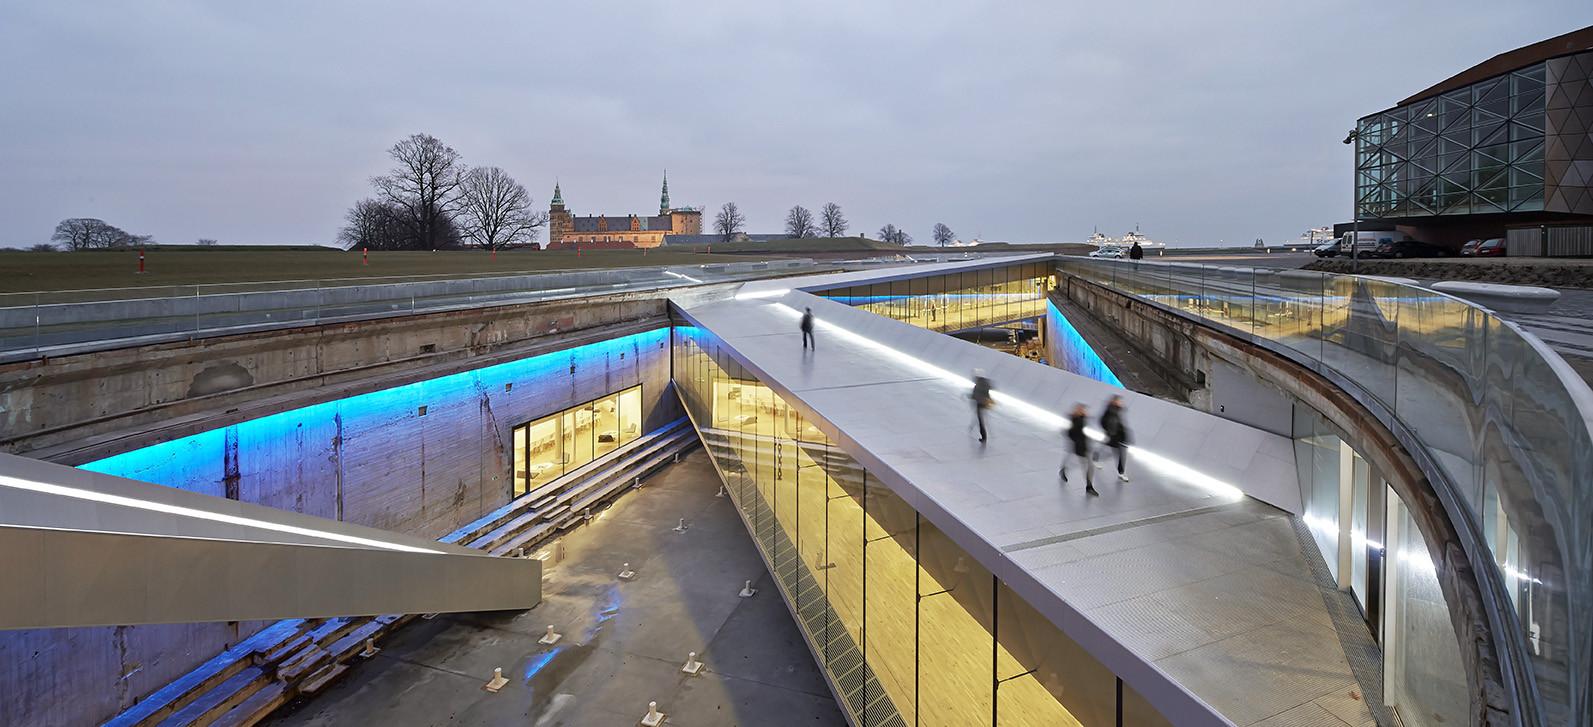 3 bryster Maritime Museum København